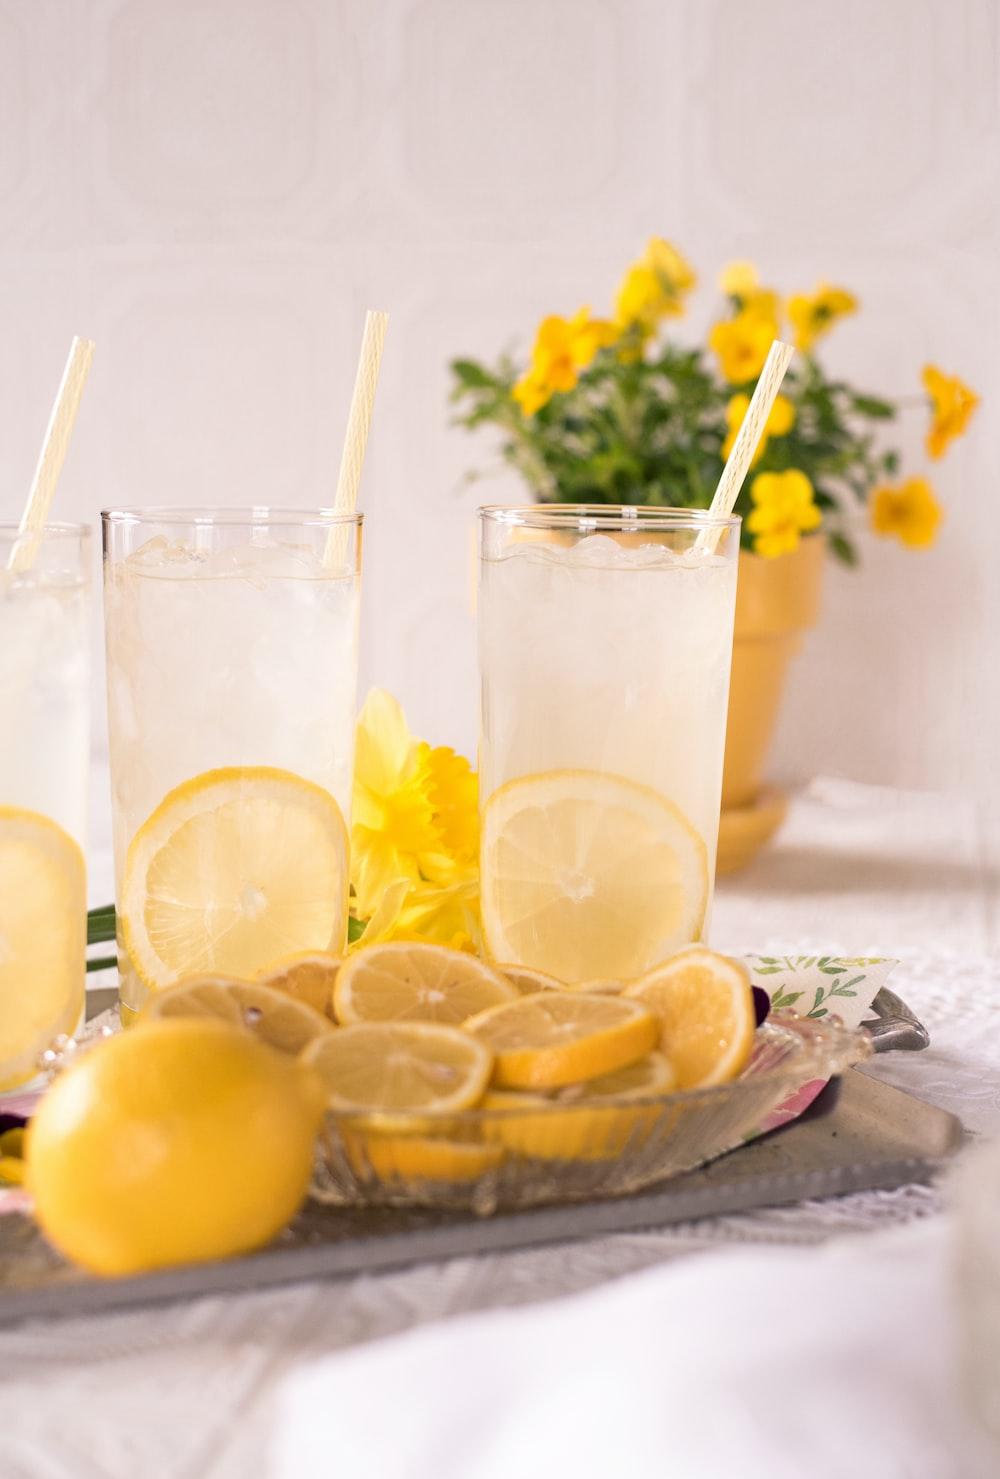 sliced lemon beside two clear drinking glasses